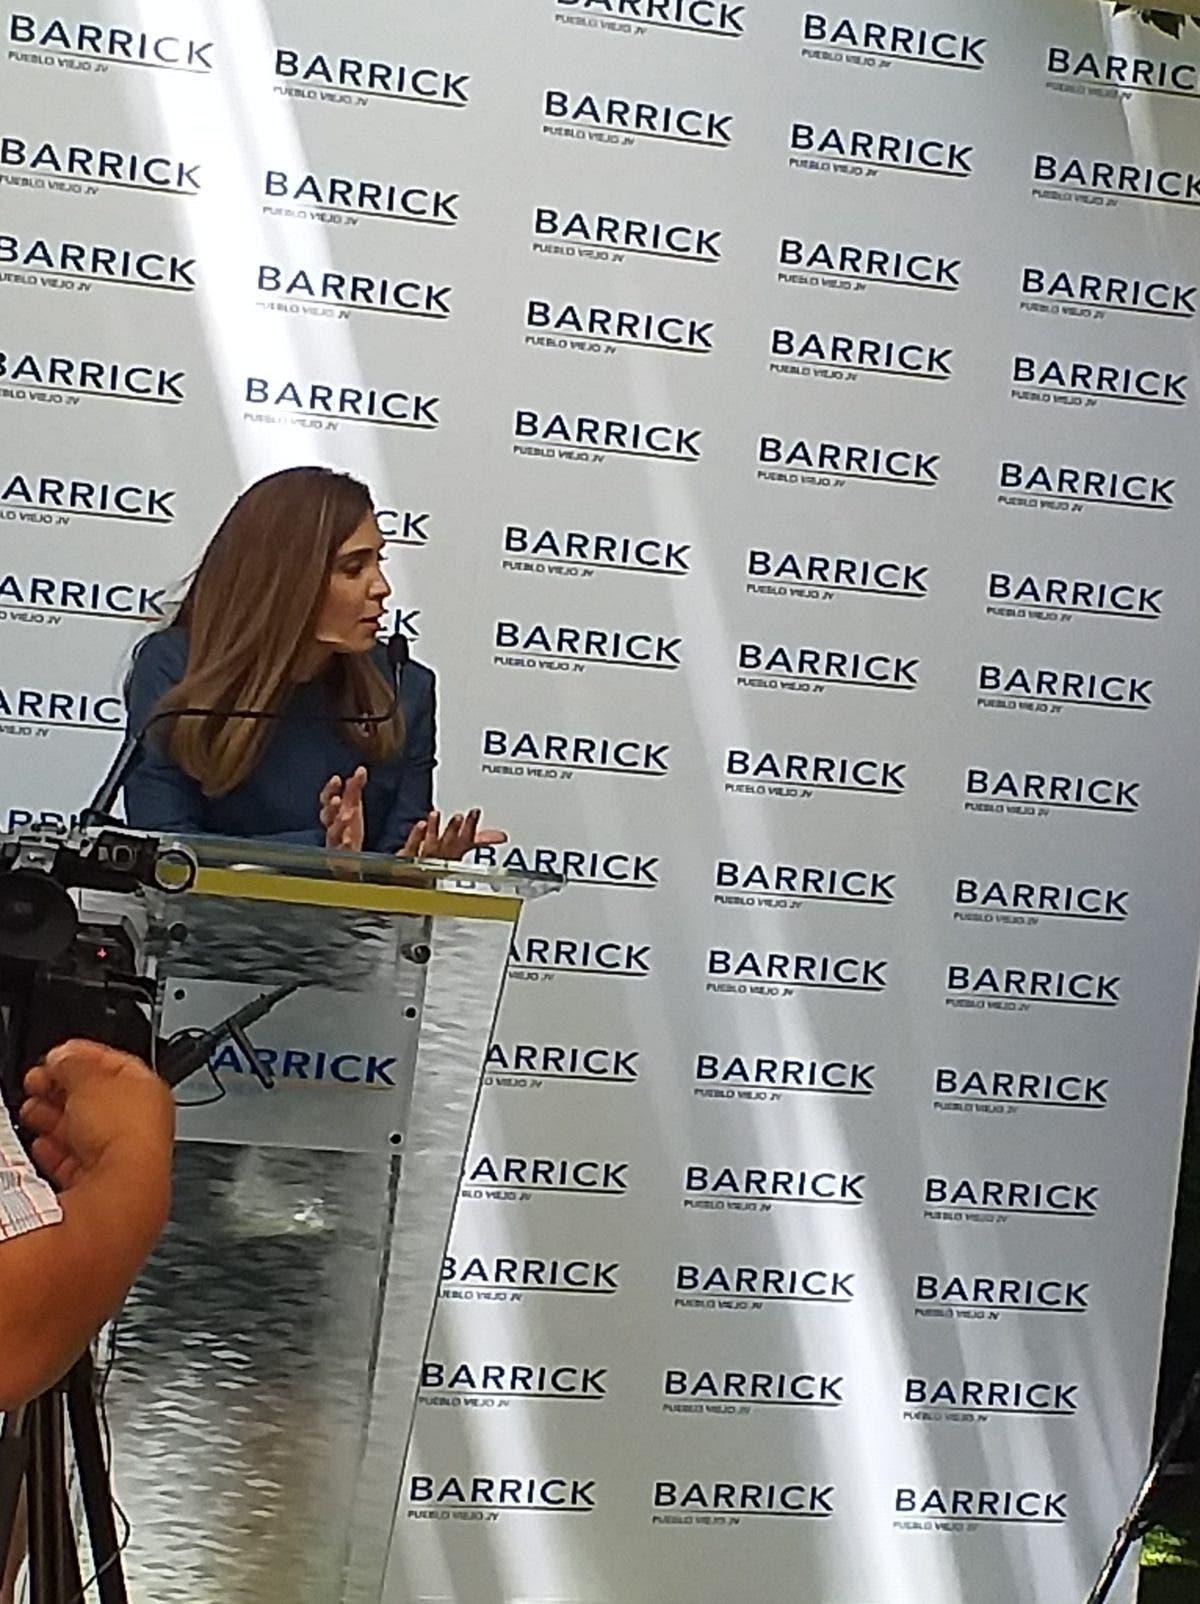 Lo que dijo la Barrick sobre manifestación en Yamasá